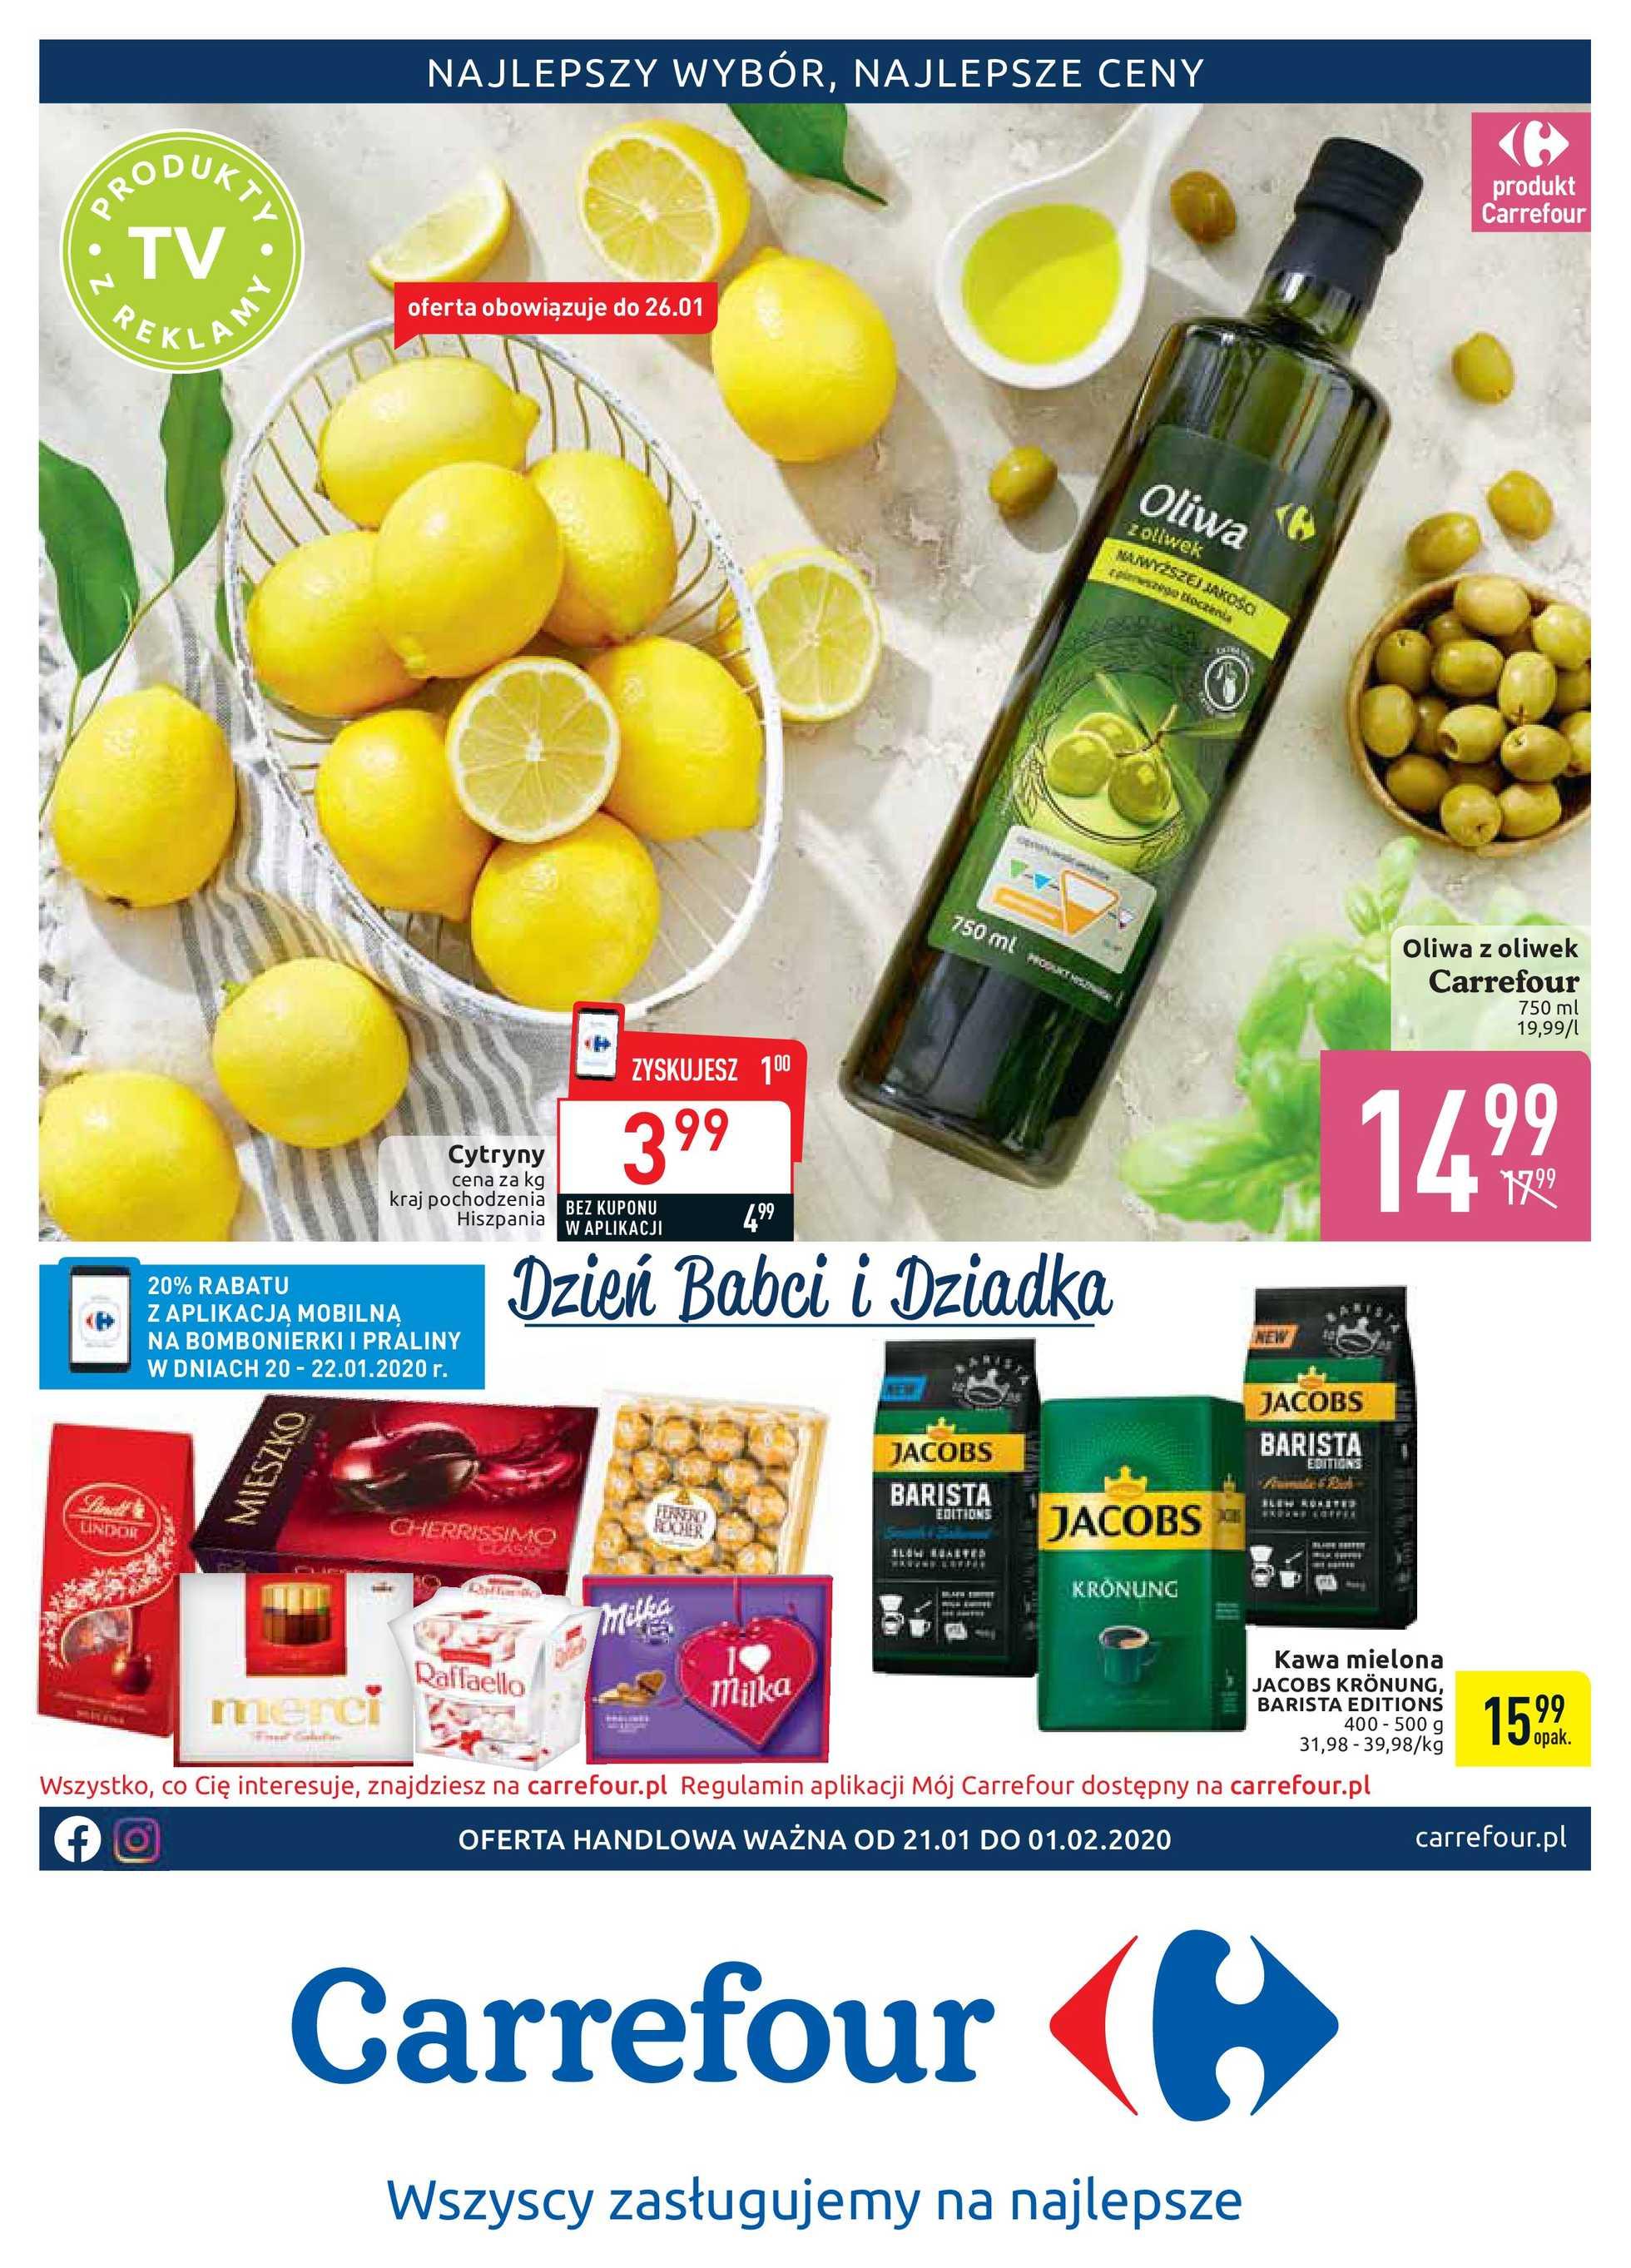 Carrefour - gazetka promocyjna ważna od 21.01.2020 do 01.02.2020 - strona 1.